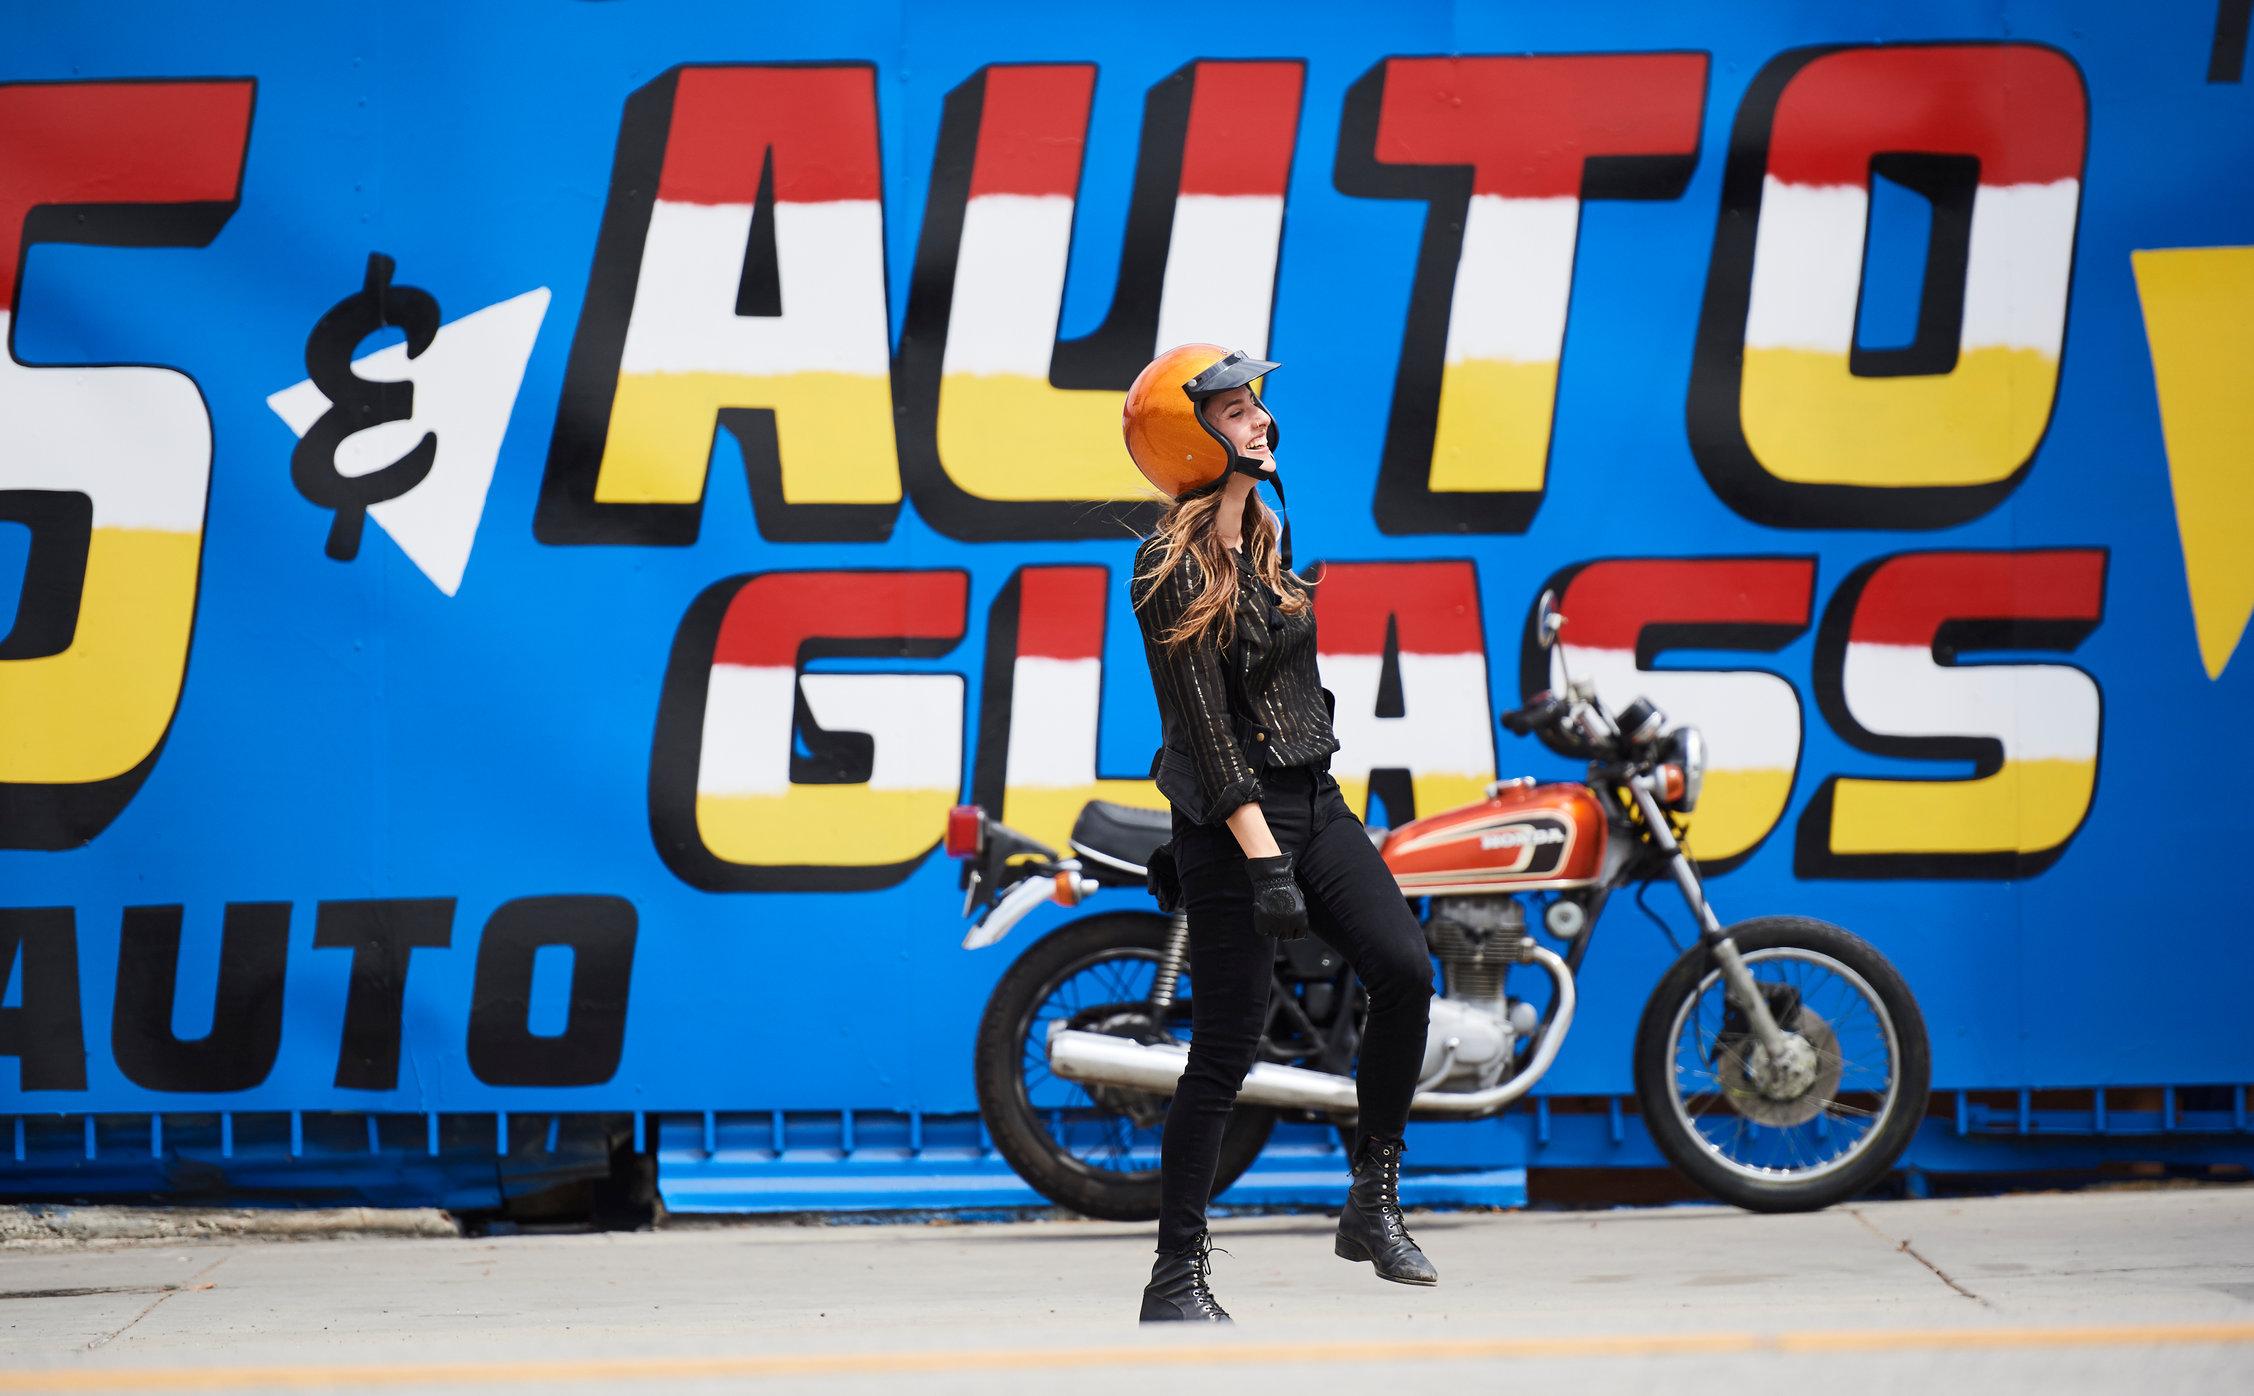 Motorcycle_BONUS_5195.jpg